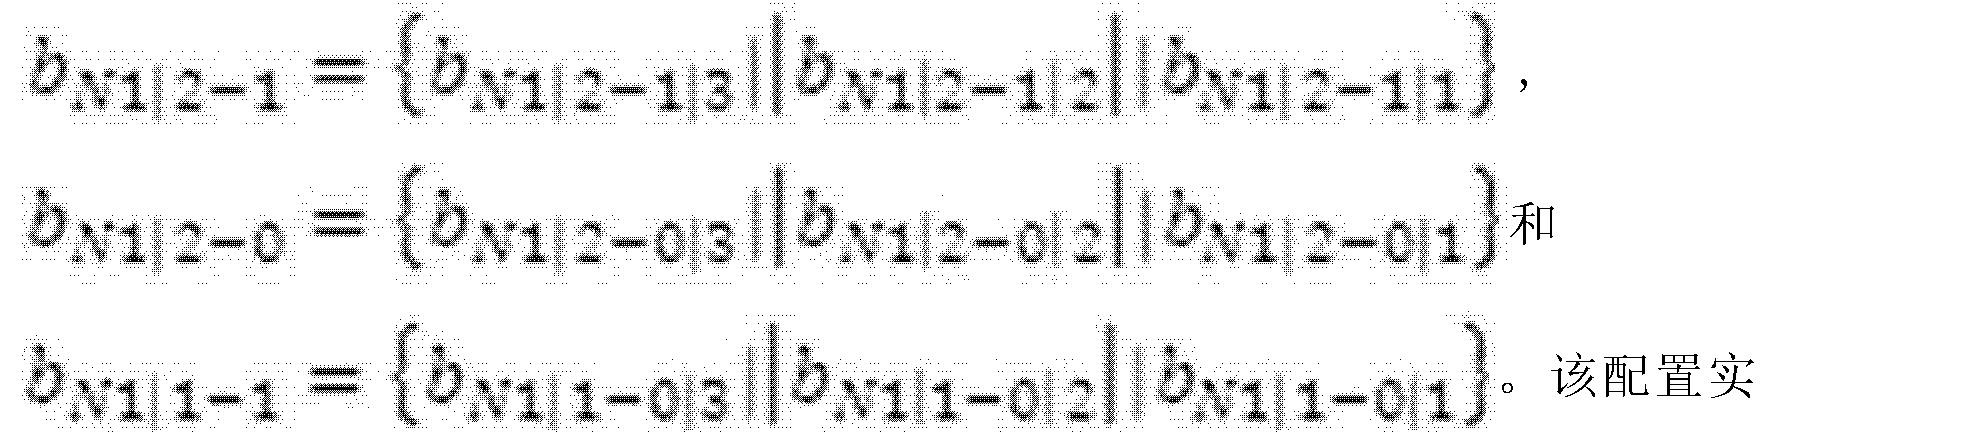 Figure CN102356597BD00143